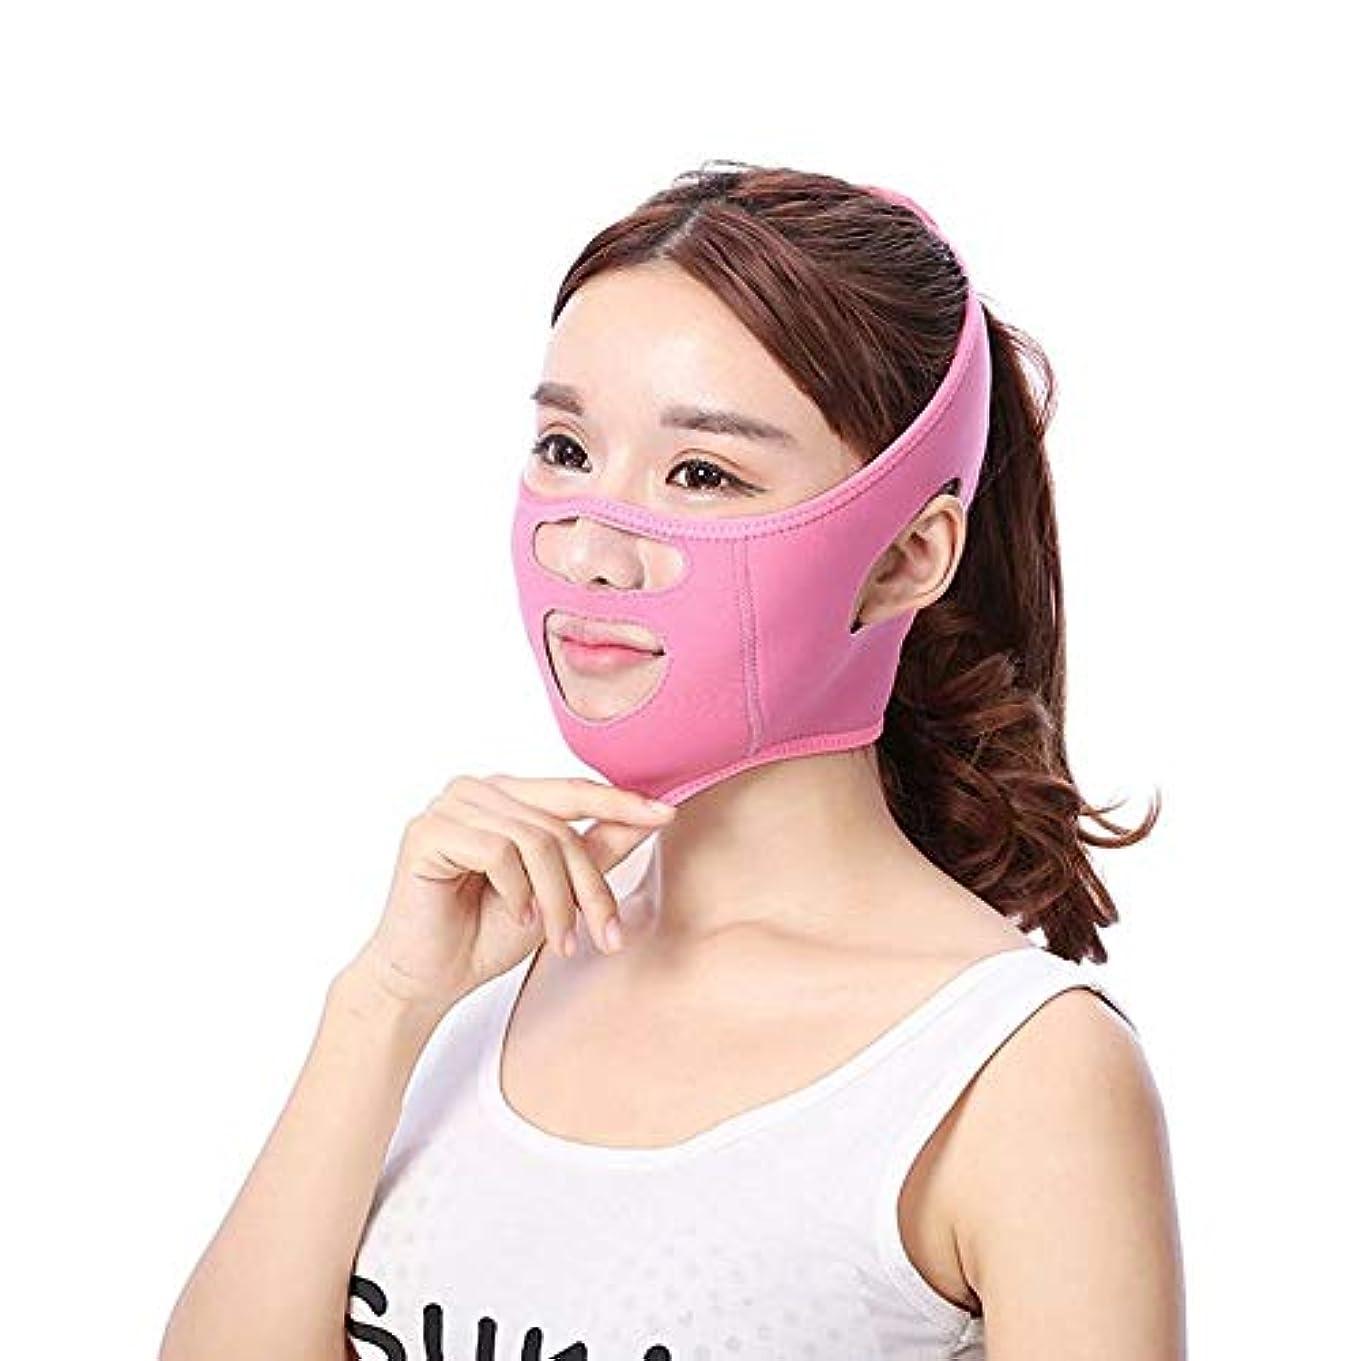 エアコンあいさつエレガントJia Jia- シンフェイスアーティファクトリフティング引き締めフェイス睡眠包帯フェイシャルリフティングアンチ垂れ下がり法律パターンステッカー8ワード口角 - ピンク 顔面包帯